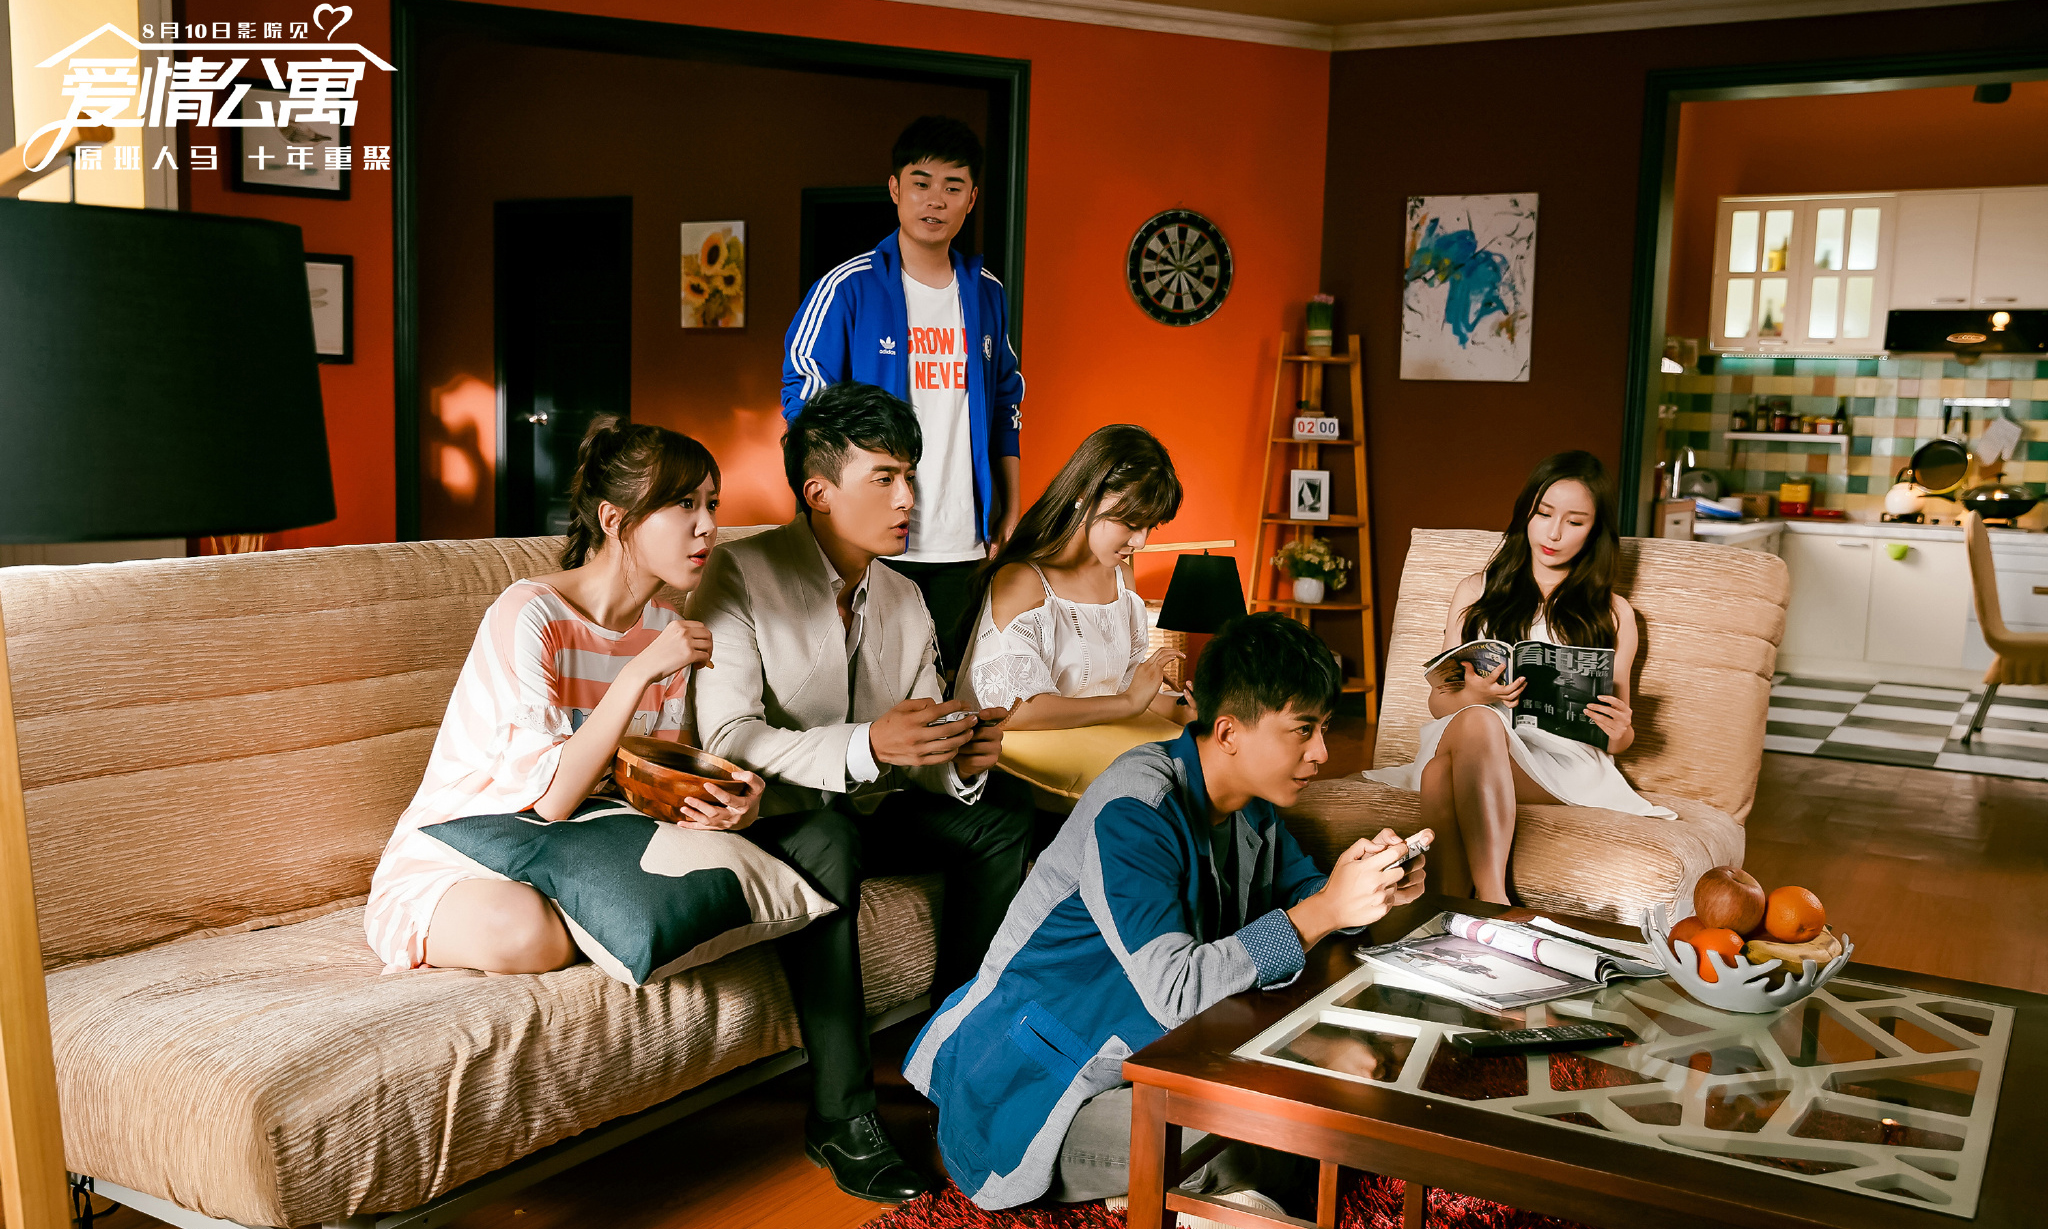 中国电影能从盗墓公寓里学到什么?